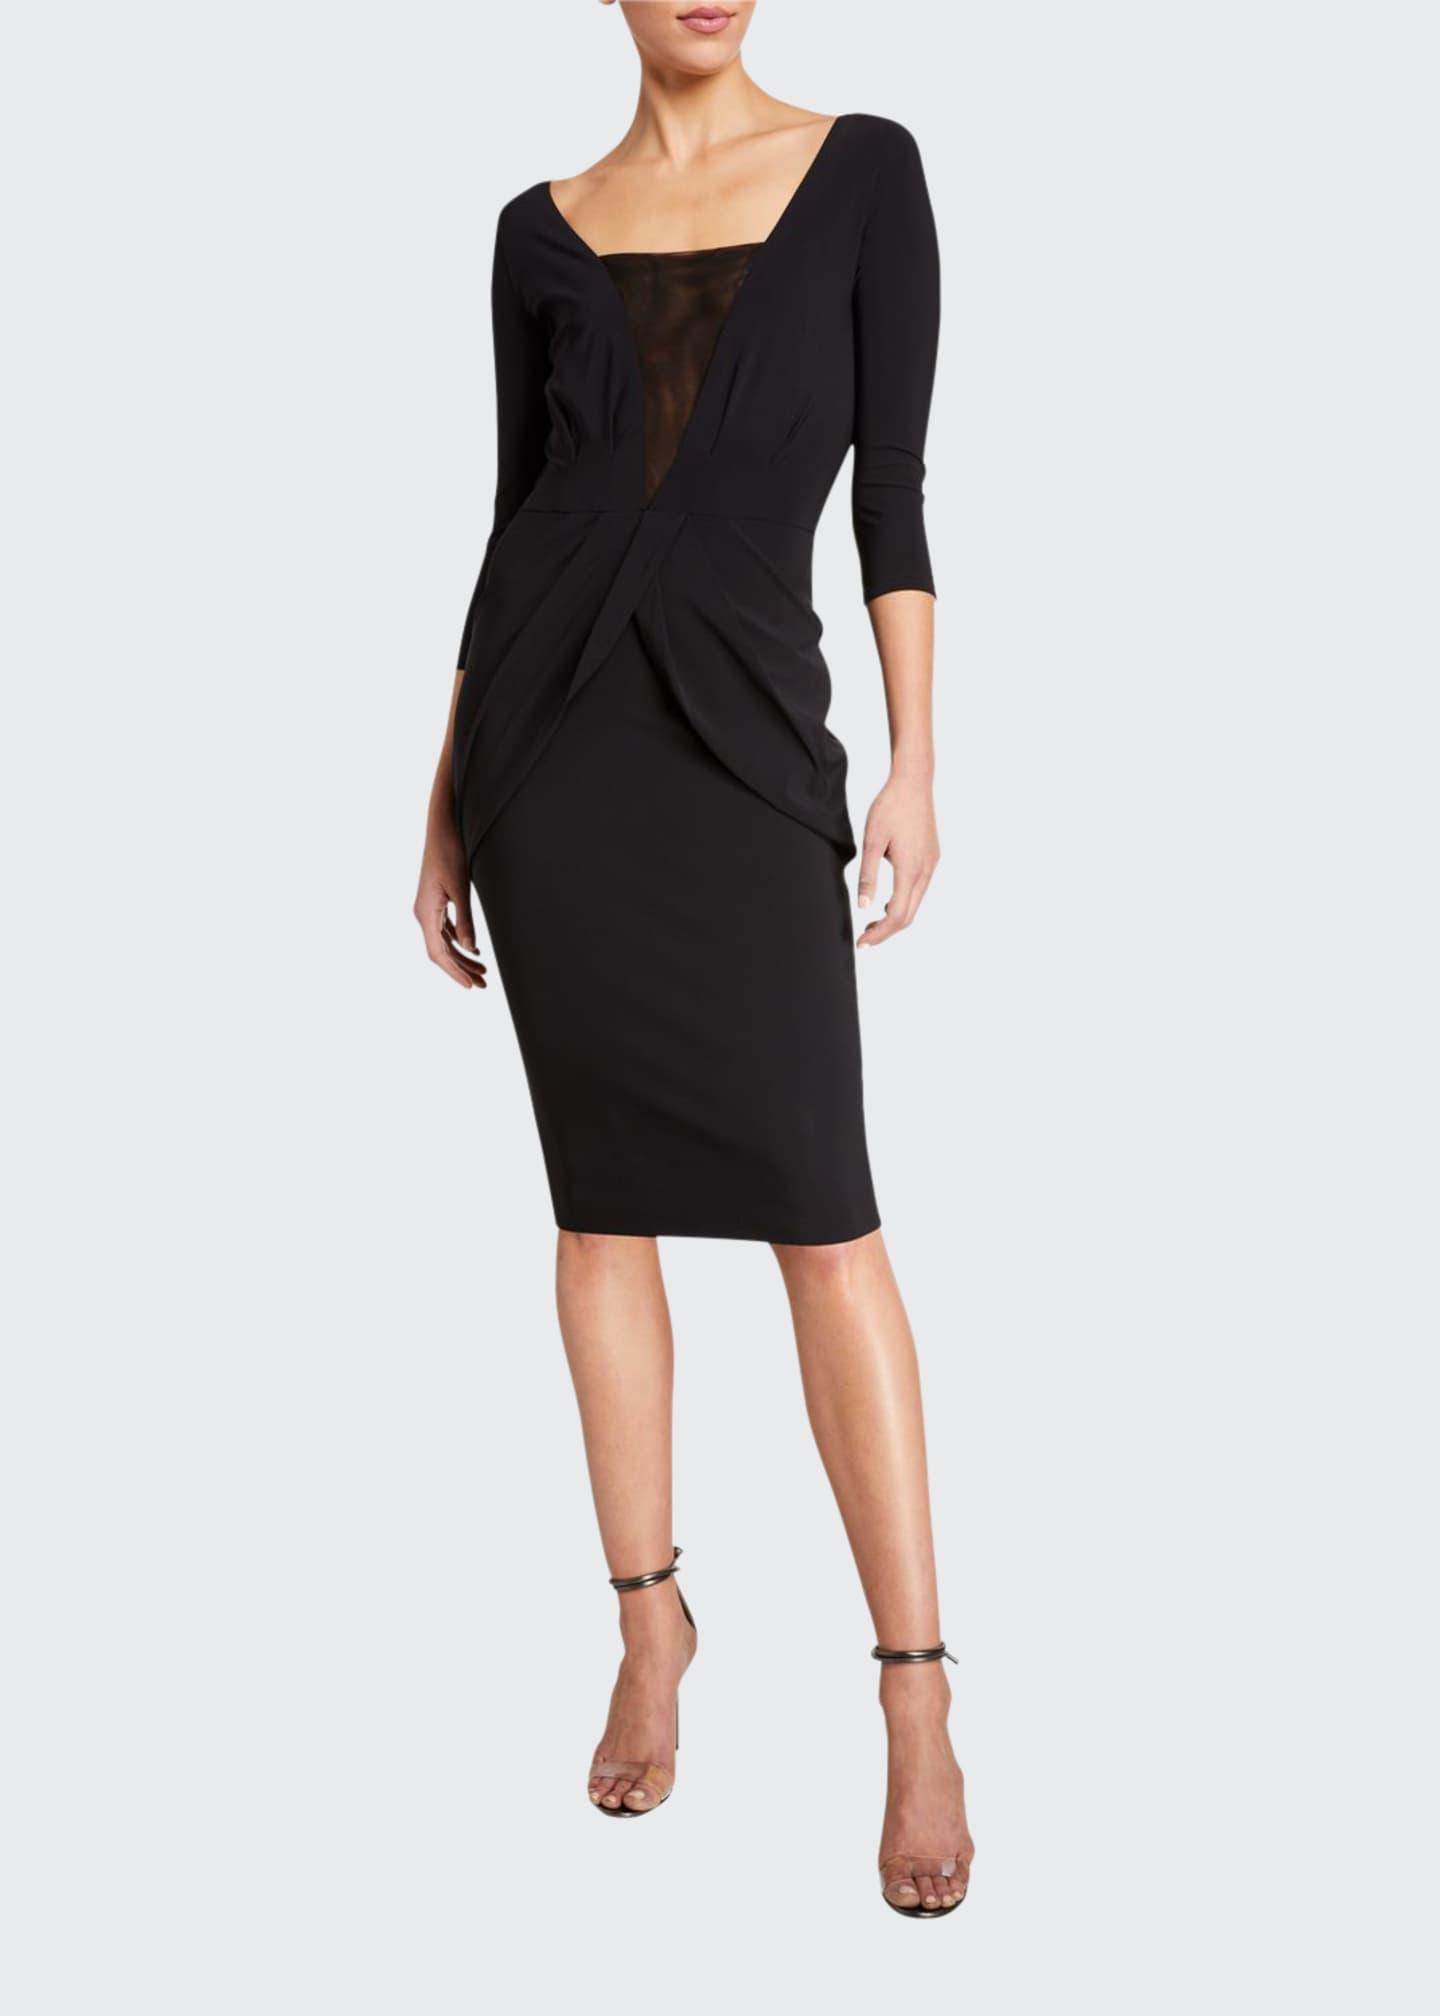 Chiara Boni La Petite Robe Long-Sleeve V-Neck Dress